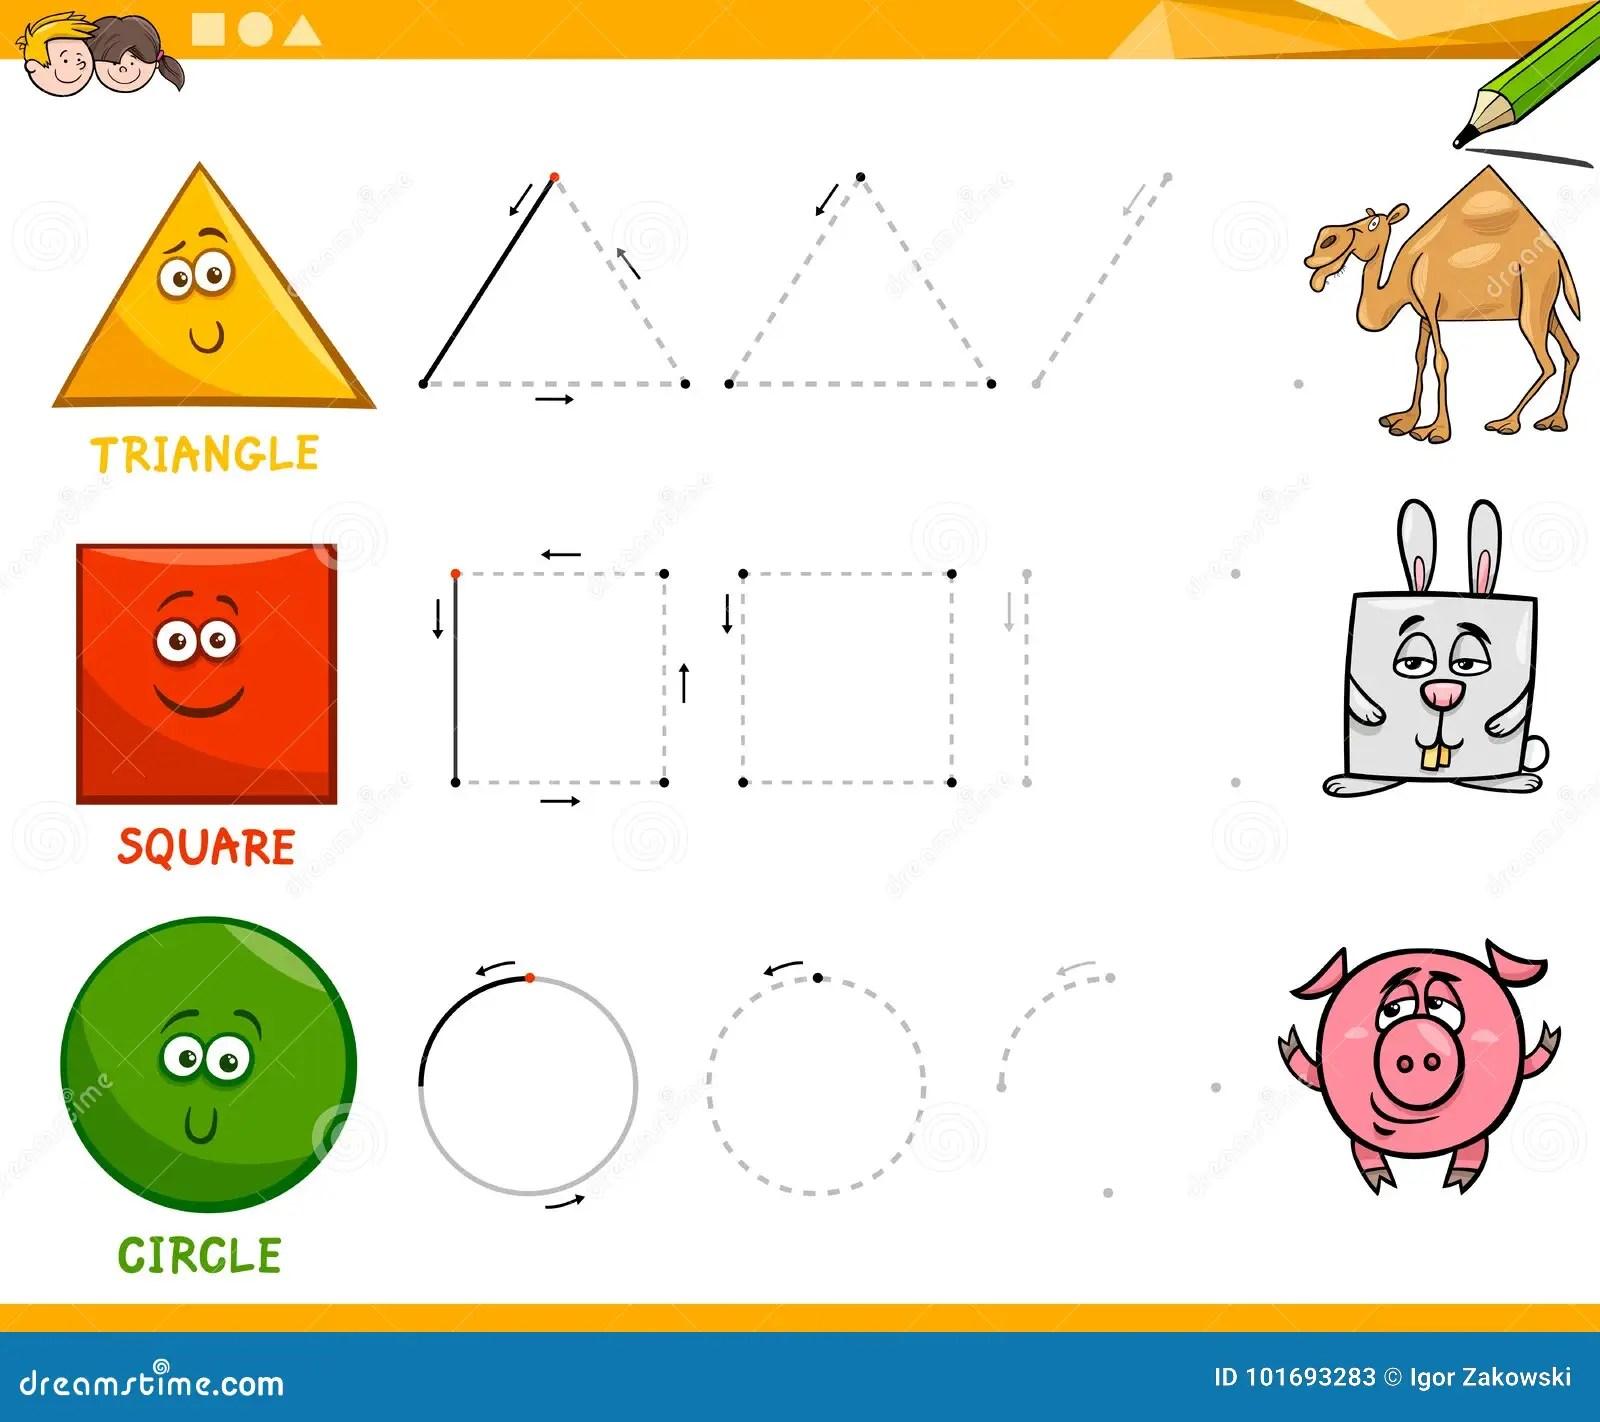 geometrische tiere zeichnen lernen dreieck tiere clipart geometrische tiere svg png 300 ppi. Black Bedroom Furniture Sets. Home Design Ideas